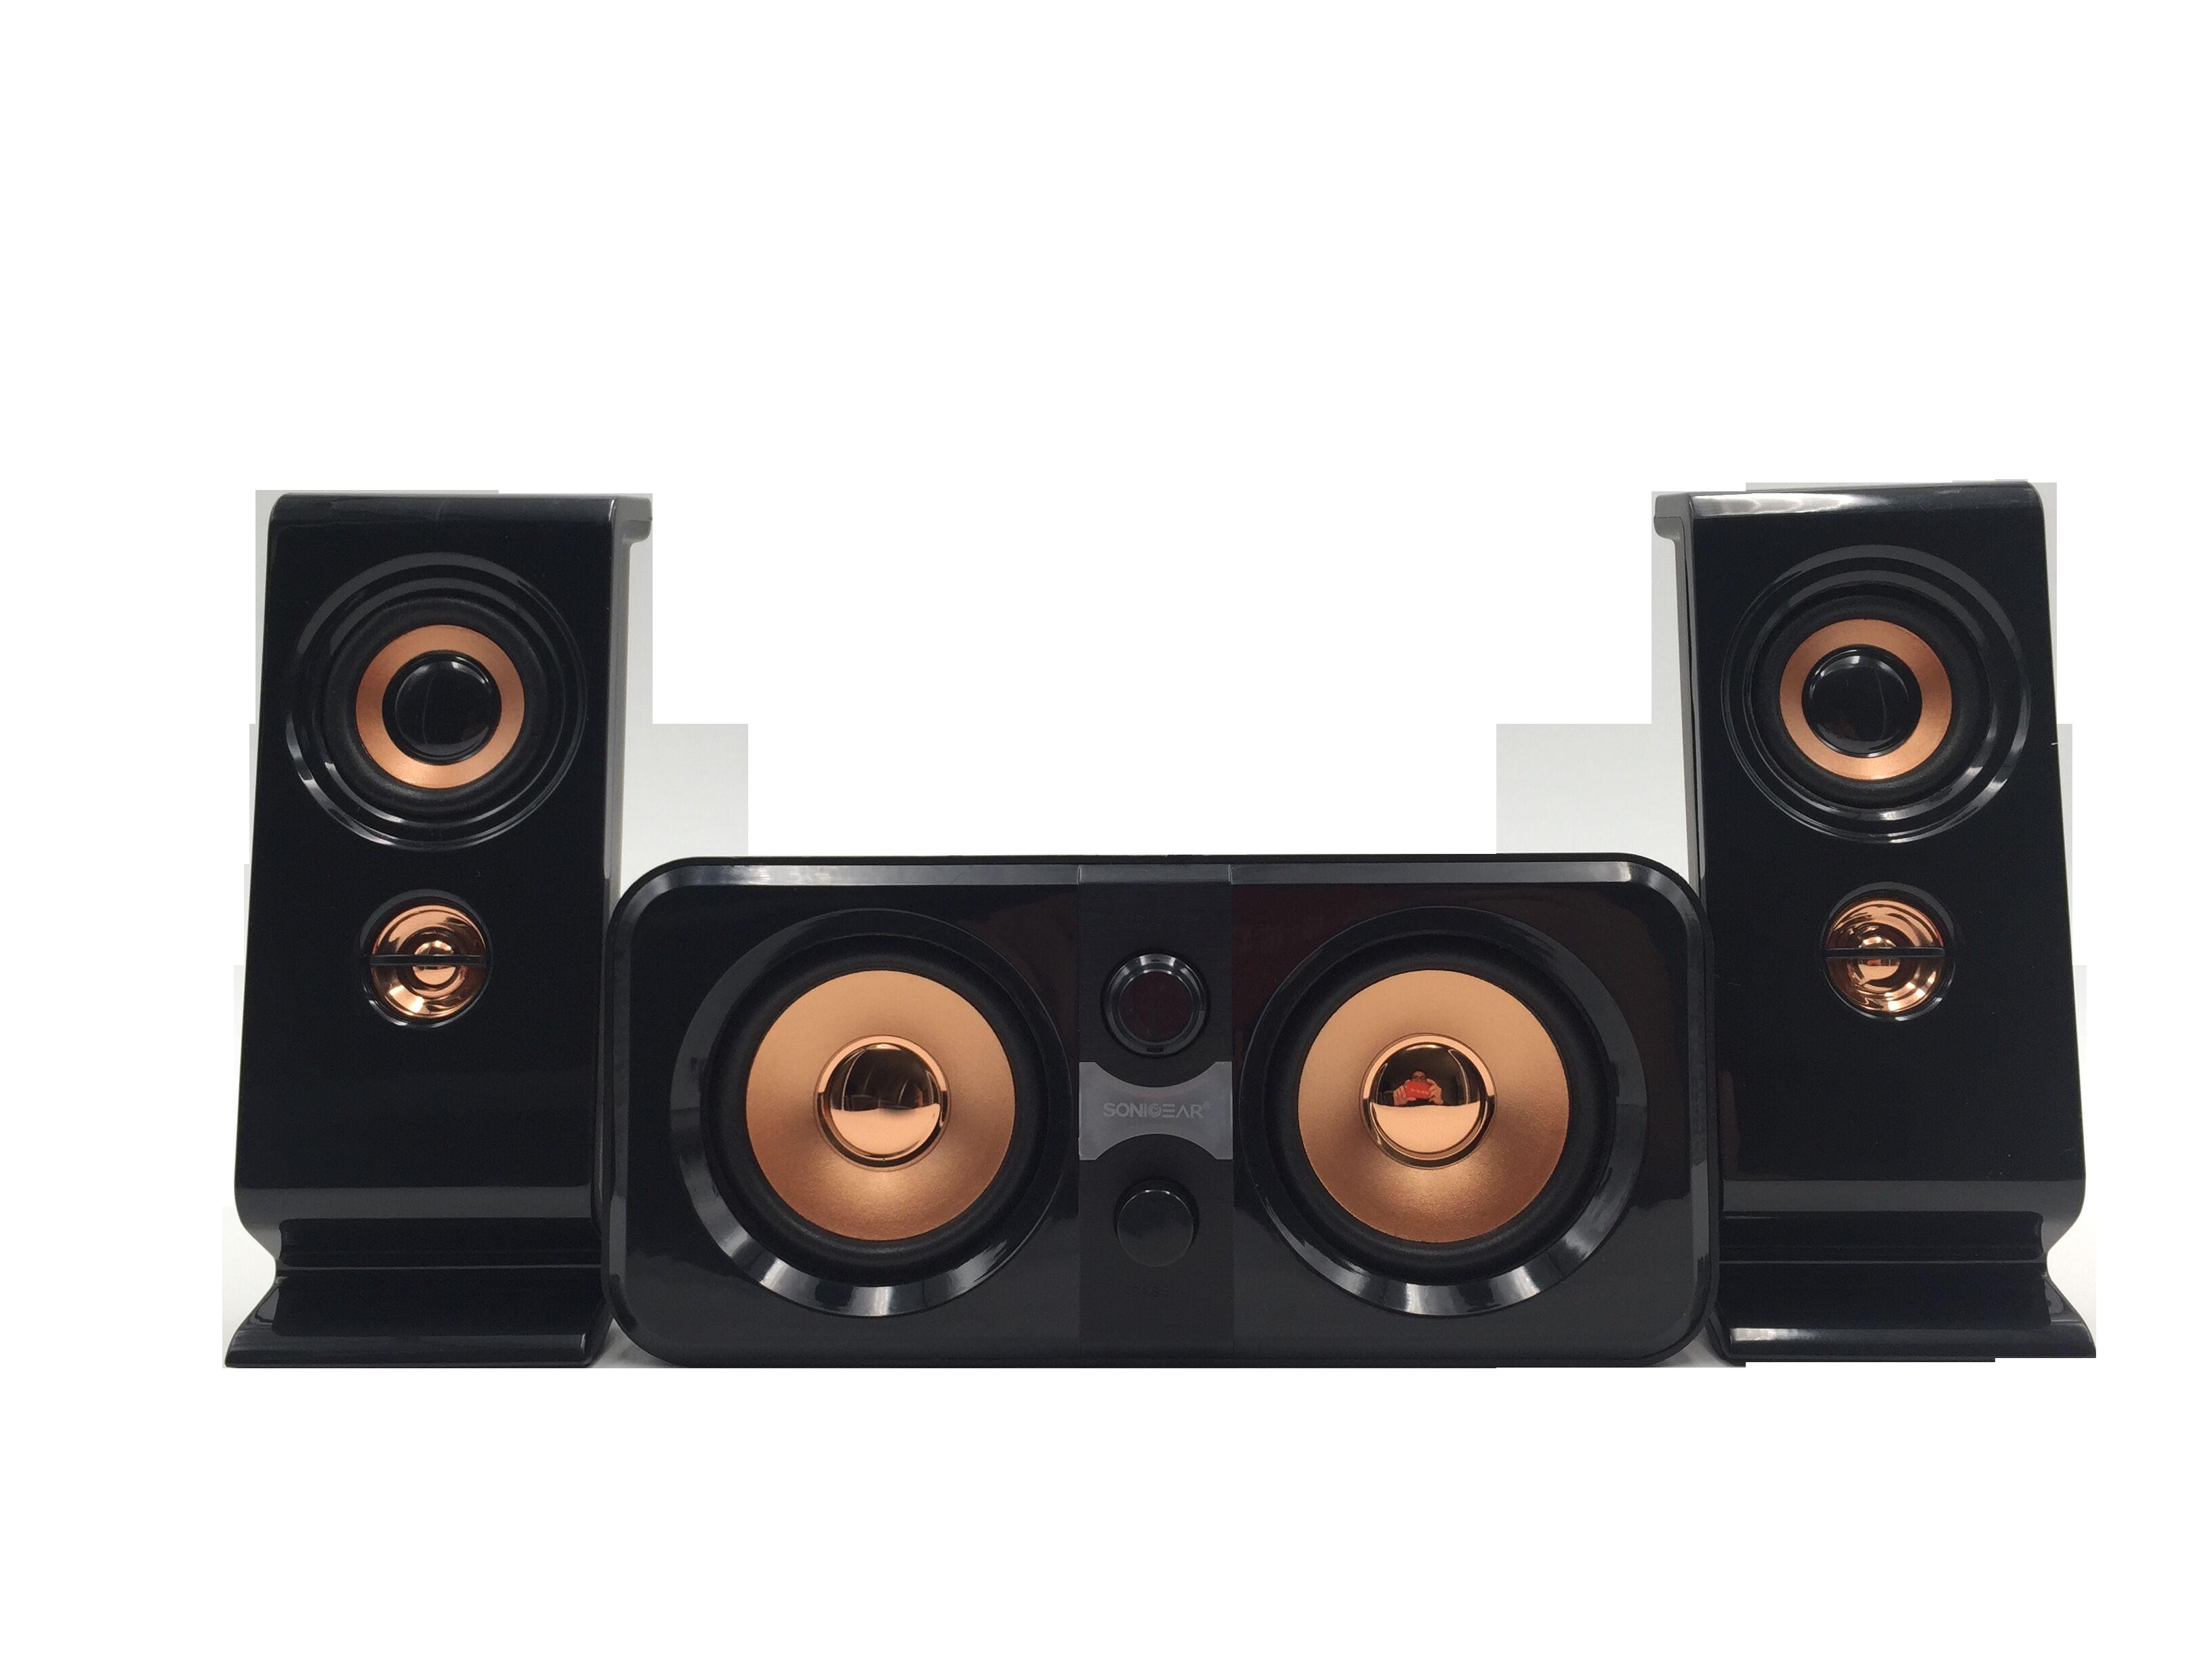 2.2 mini home theater speakers,USB Fashion Desktop Hi-Fi Audio. Full ...